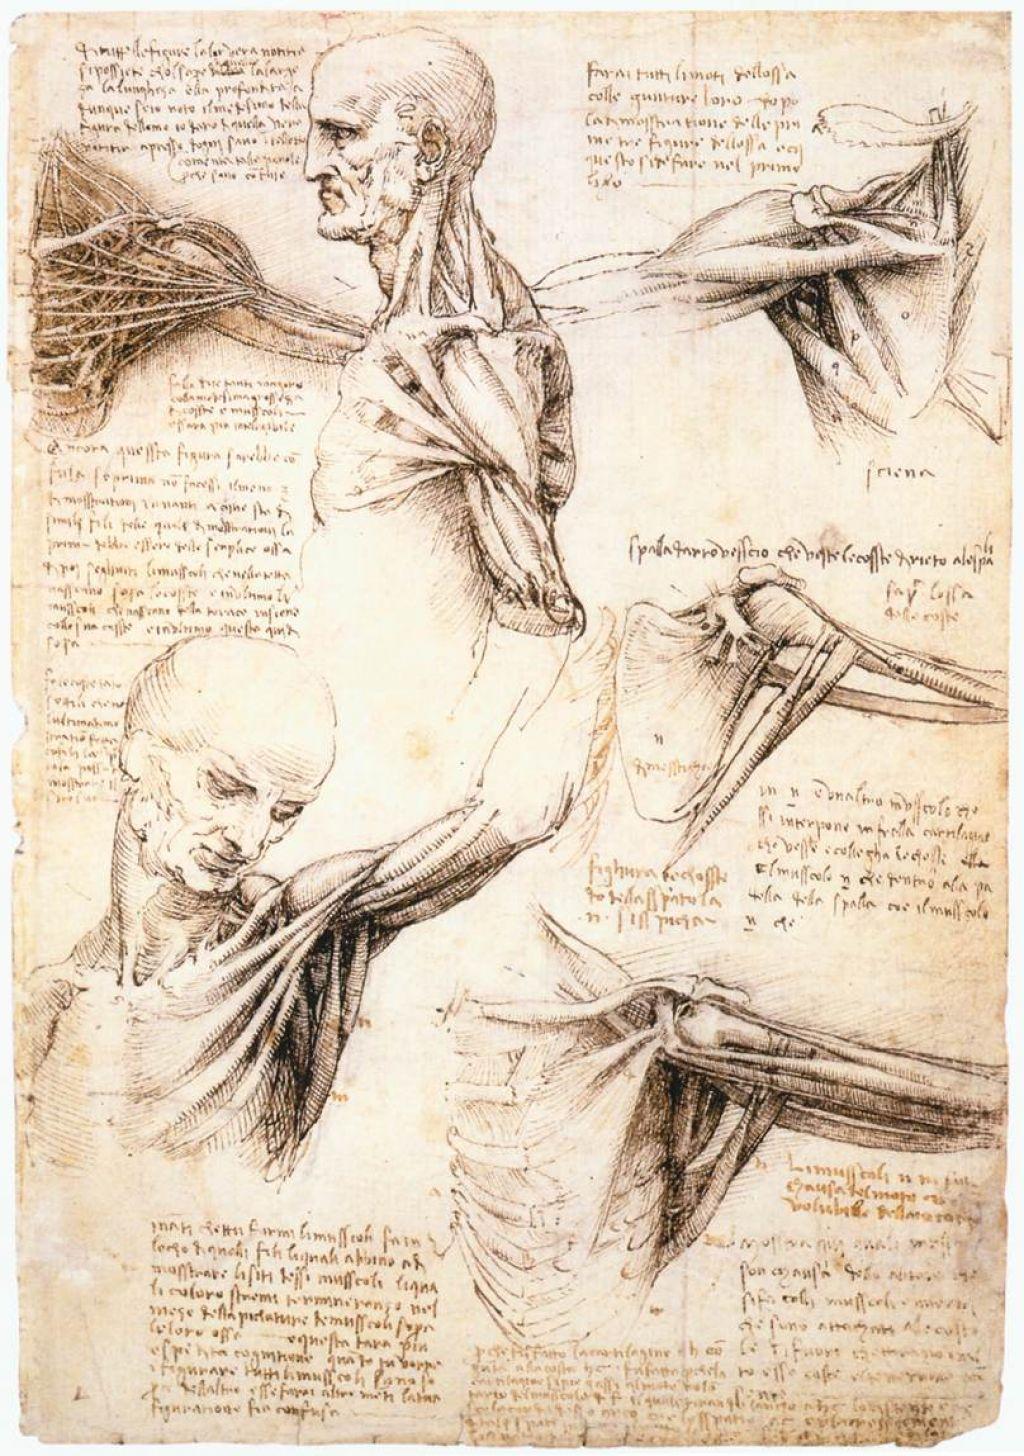 Da vinci anatomy